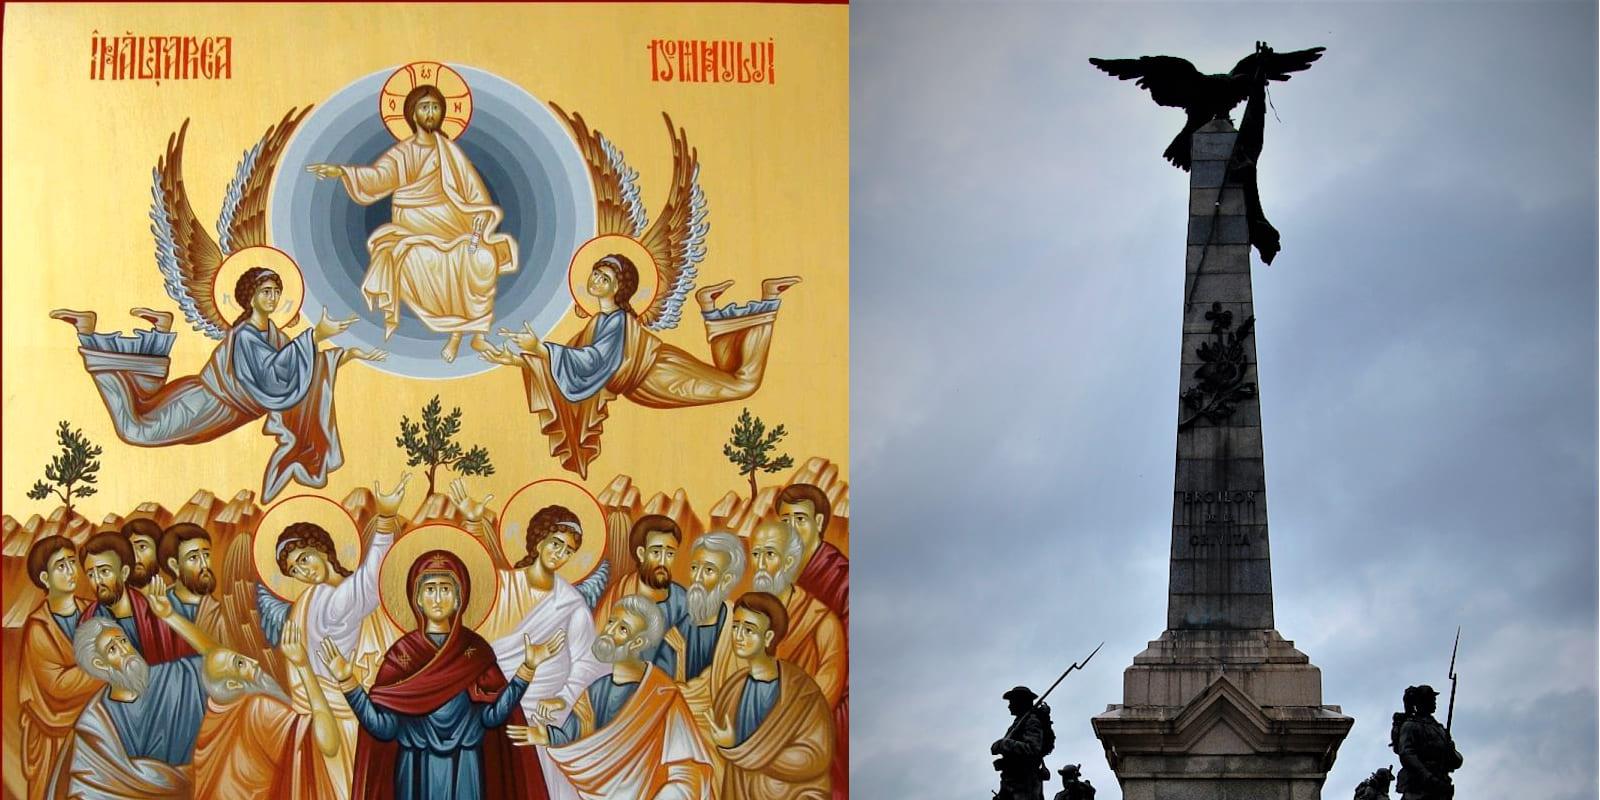 Cuvânt despre Praznicul Înălțării Domnului și despre Ziua Eroilor în viața Bisericii